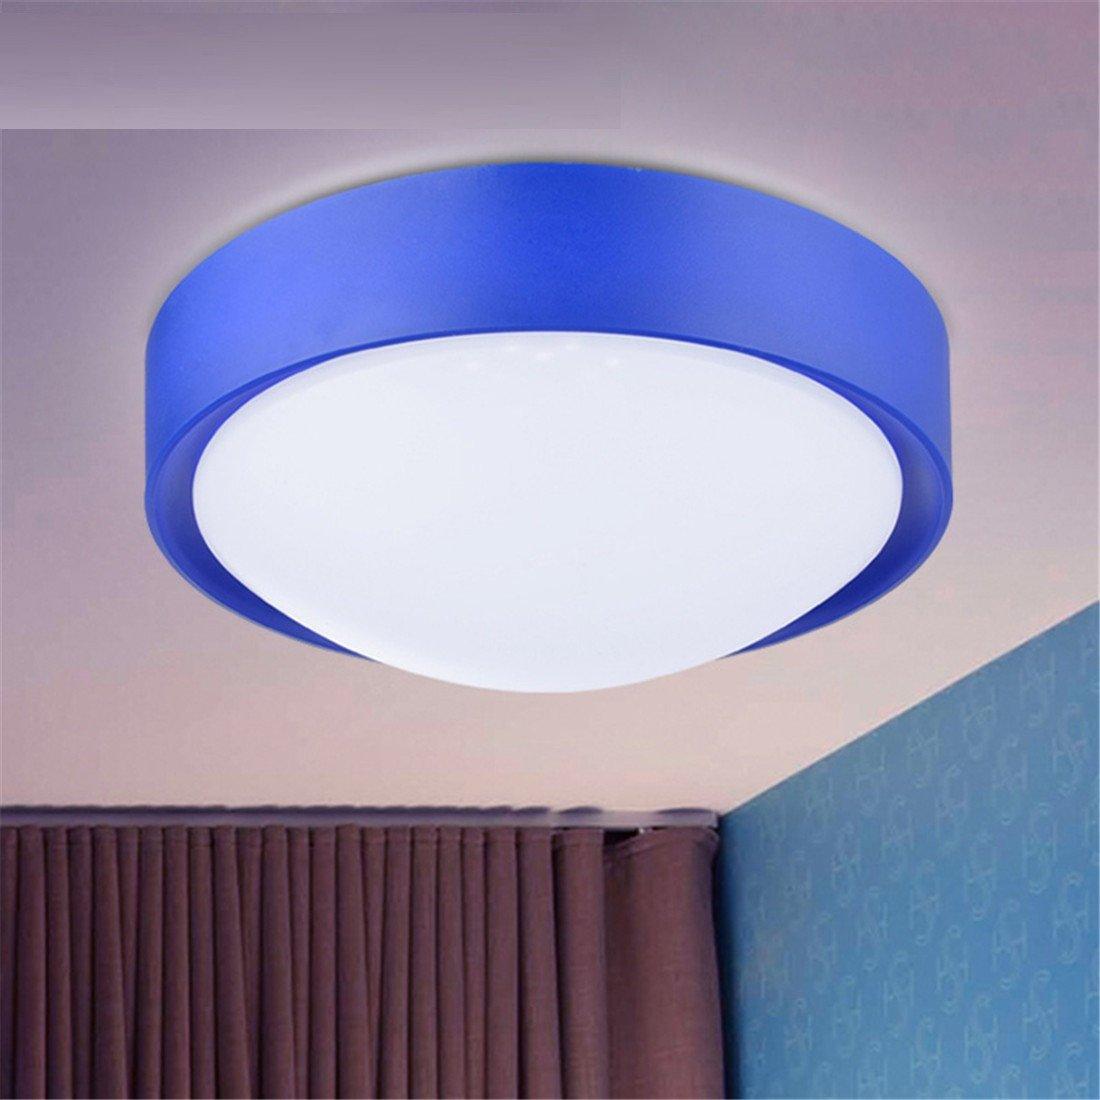 MMYNL Balkon Deckenleuchte kreative Einfache, moderne Küche Lampe Gang Flurlampe Beleuchtung Raumbeleuchtung, Blau